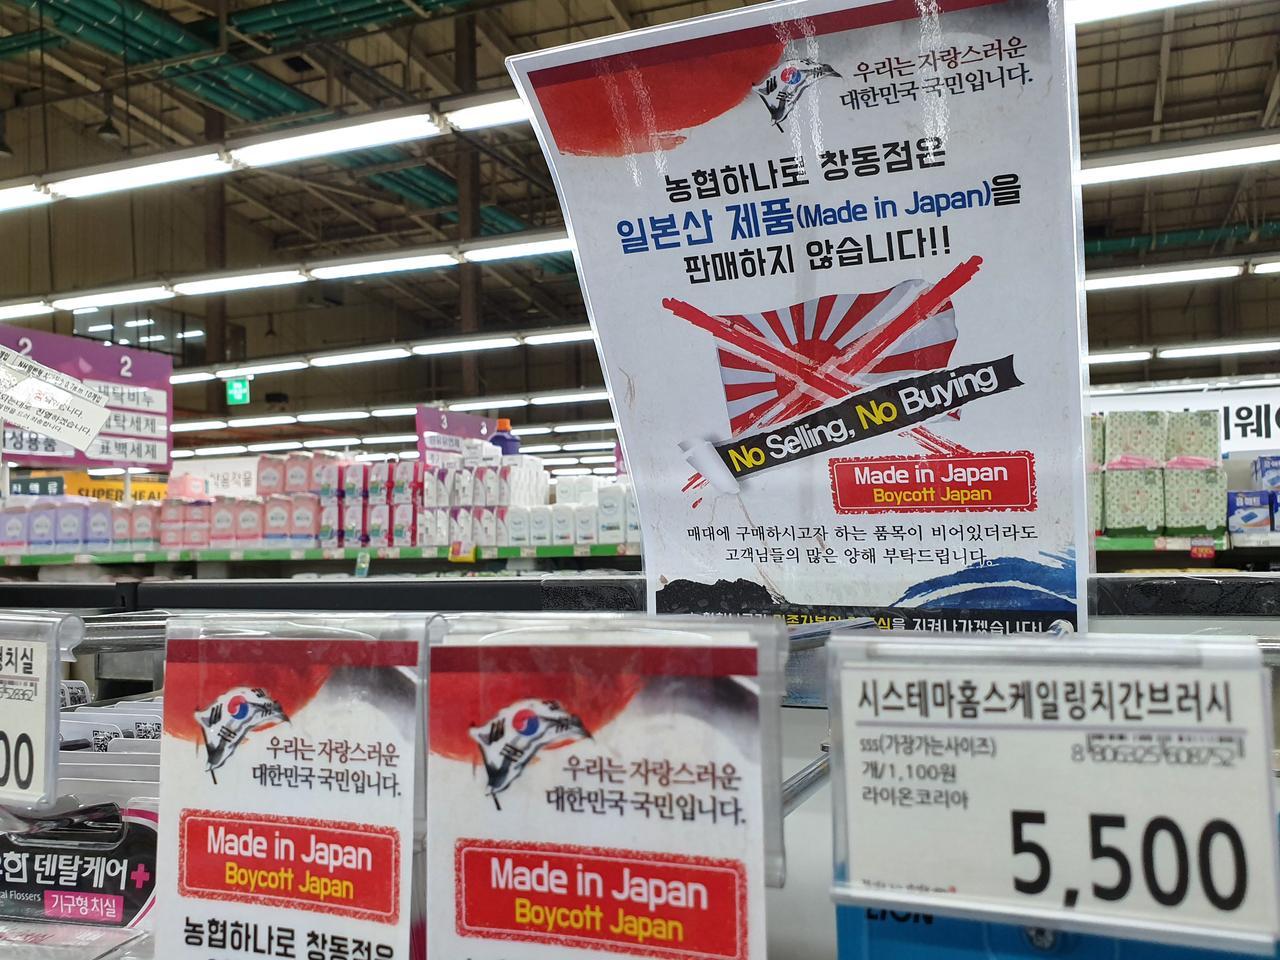 ความขัดแย้งเริ่มหนักข้อ ชาวเกาหลีใต้พากันแบนสินค้าญี่ปุ่น